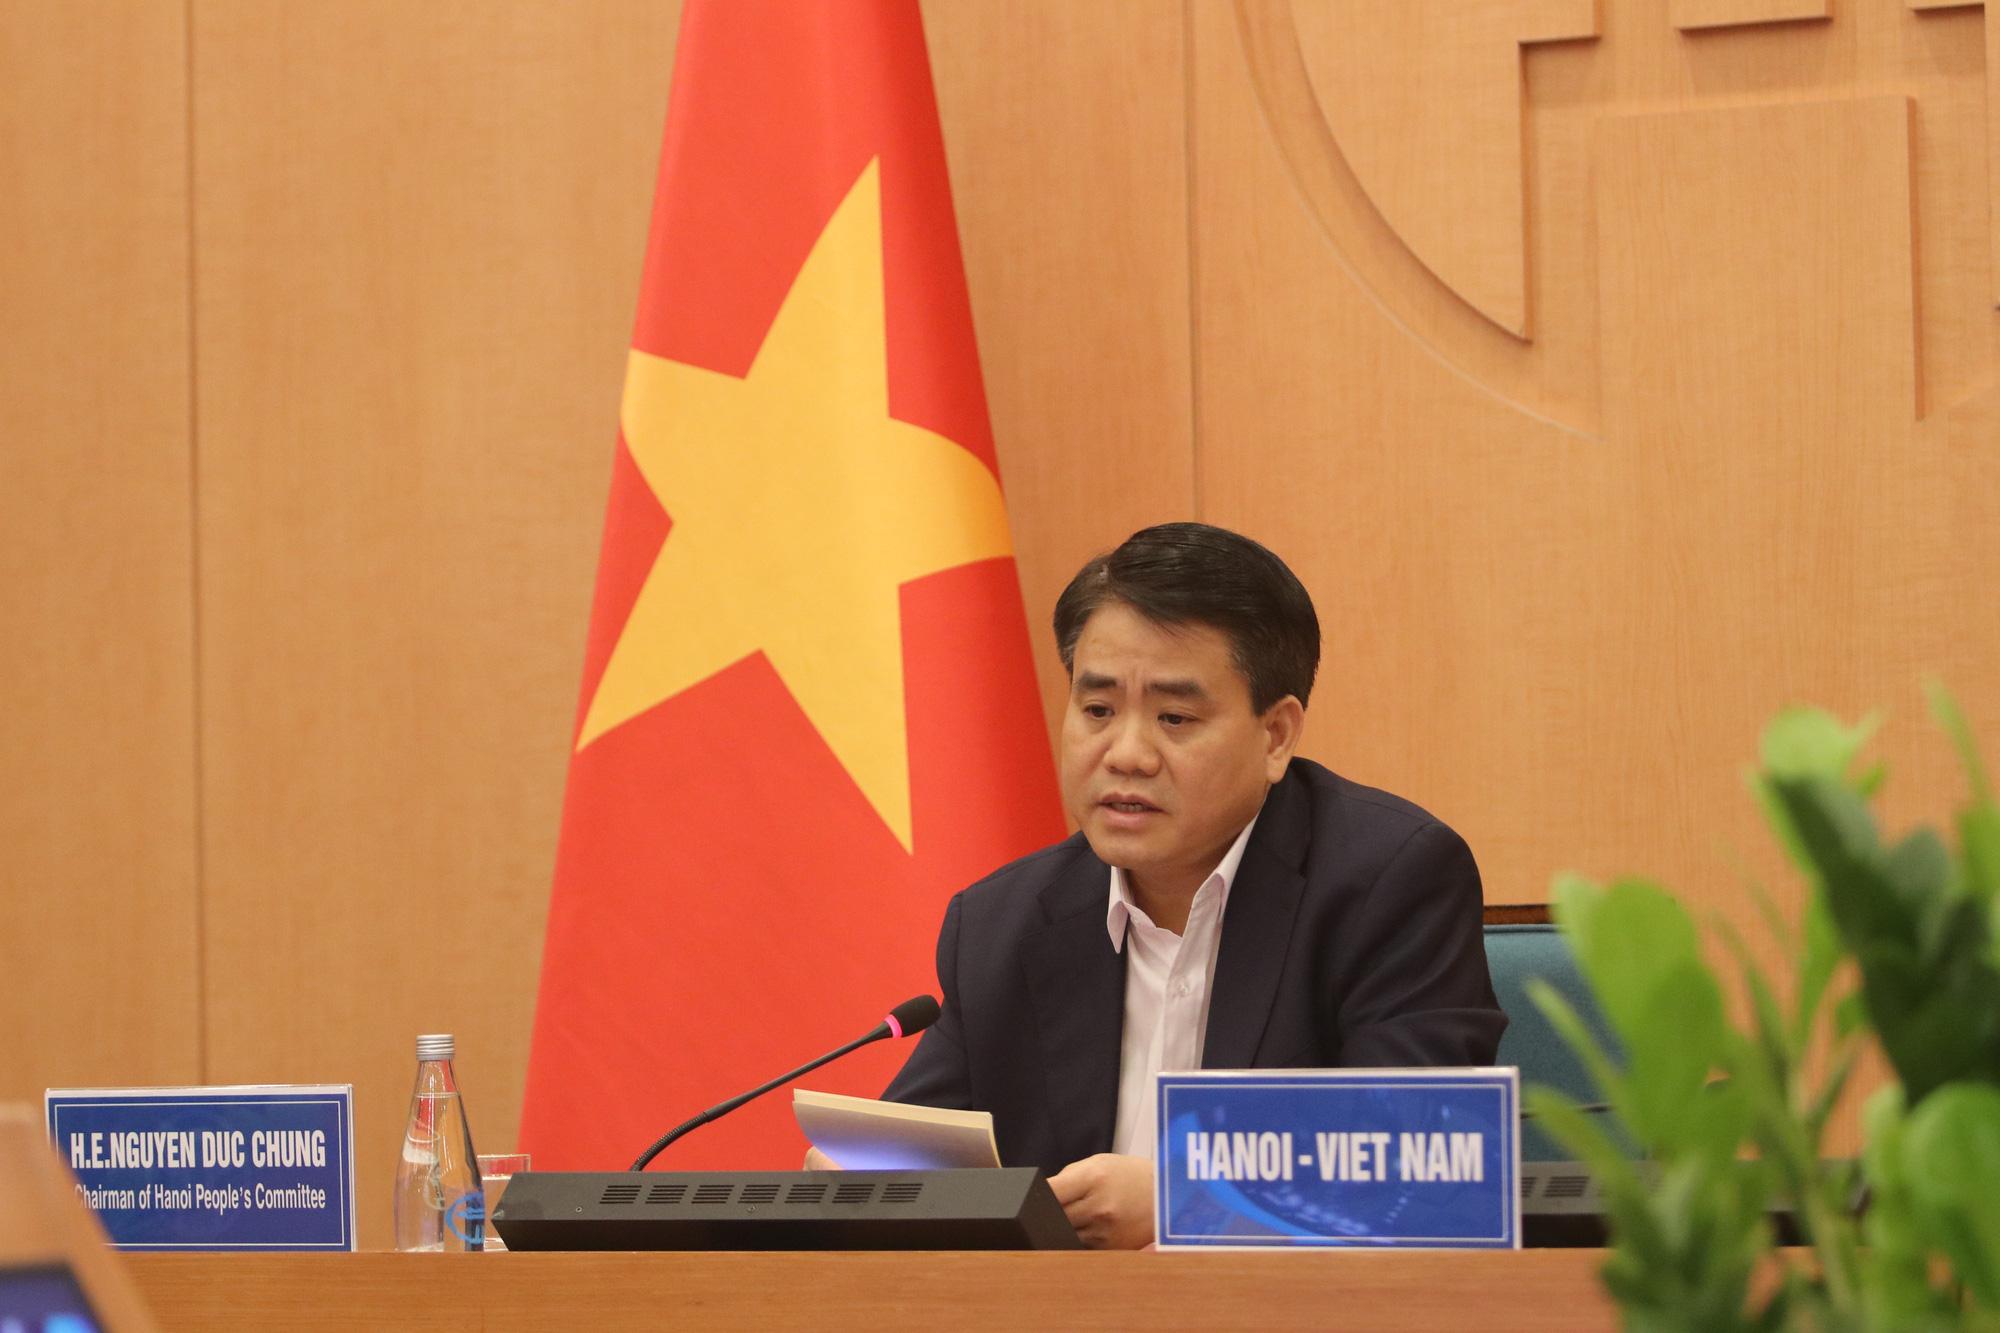 Chủ tịch Hà Nội chia sẻ kinh nghiệm chống dịch Covid-19 với Thị trưởng 40 thành phố - Ảnh 1.